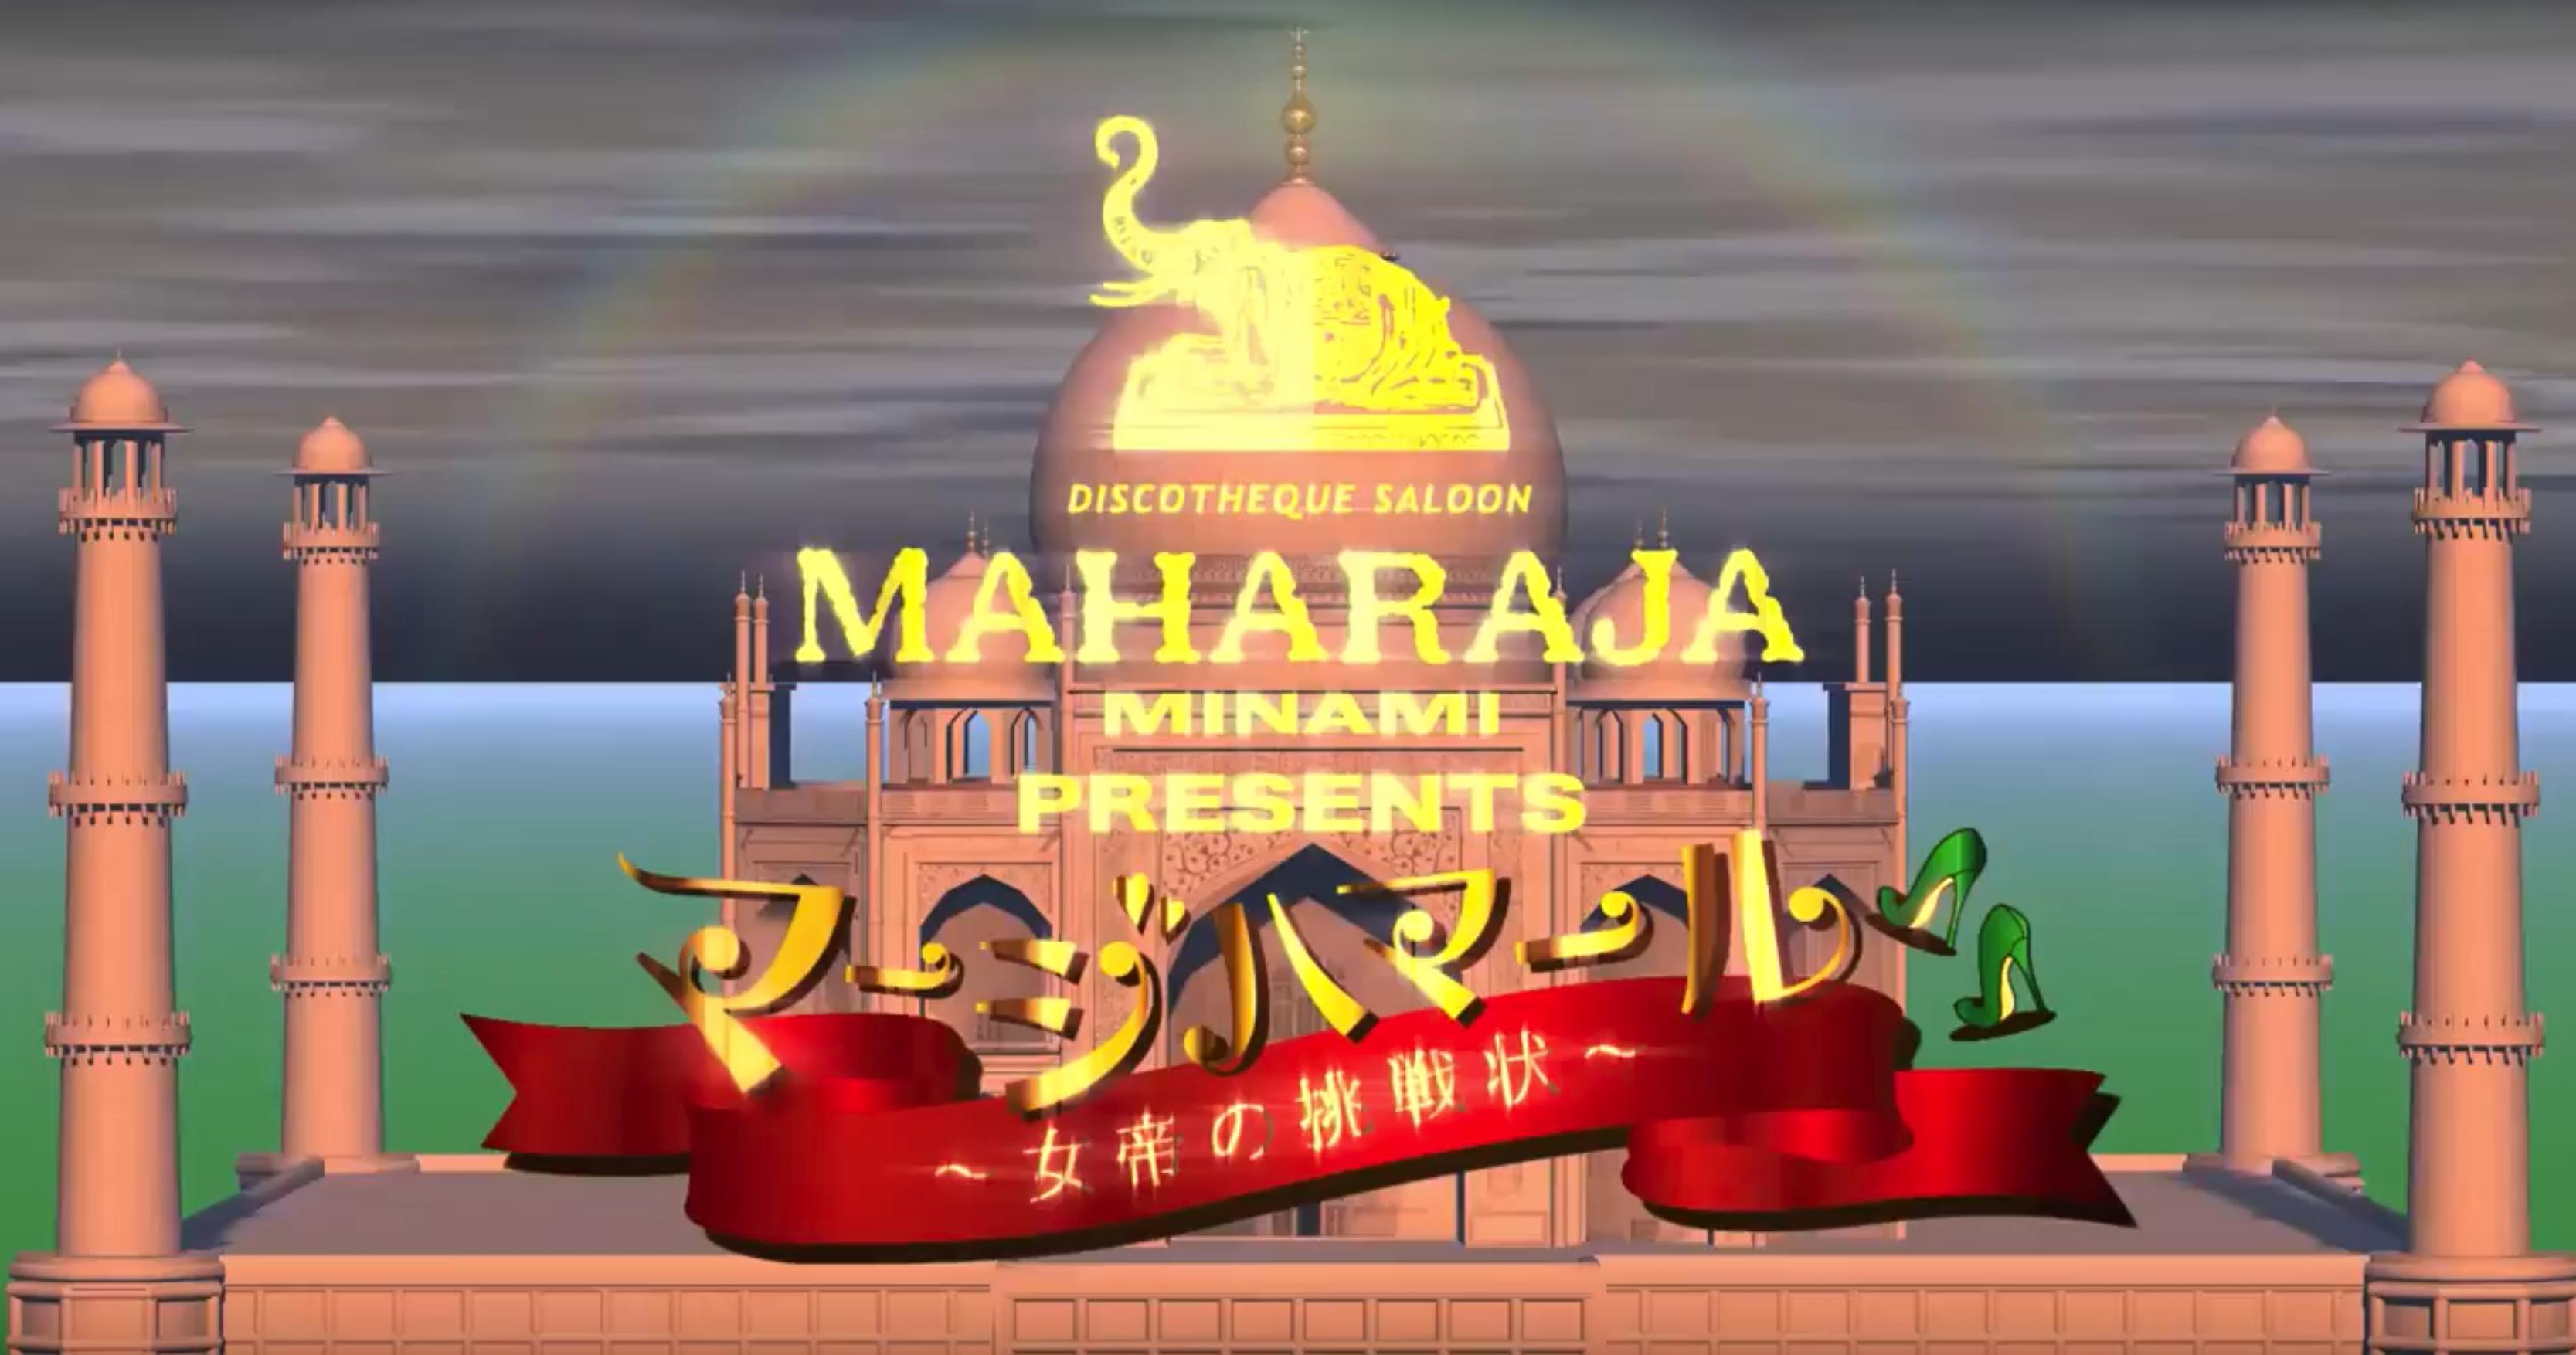 マハラジャミナミプレゼンツ  マージハマール〜女手の挑戦状〜